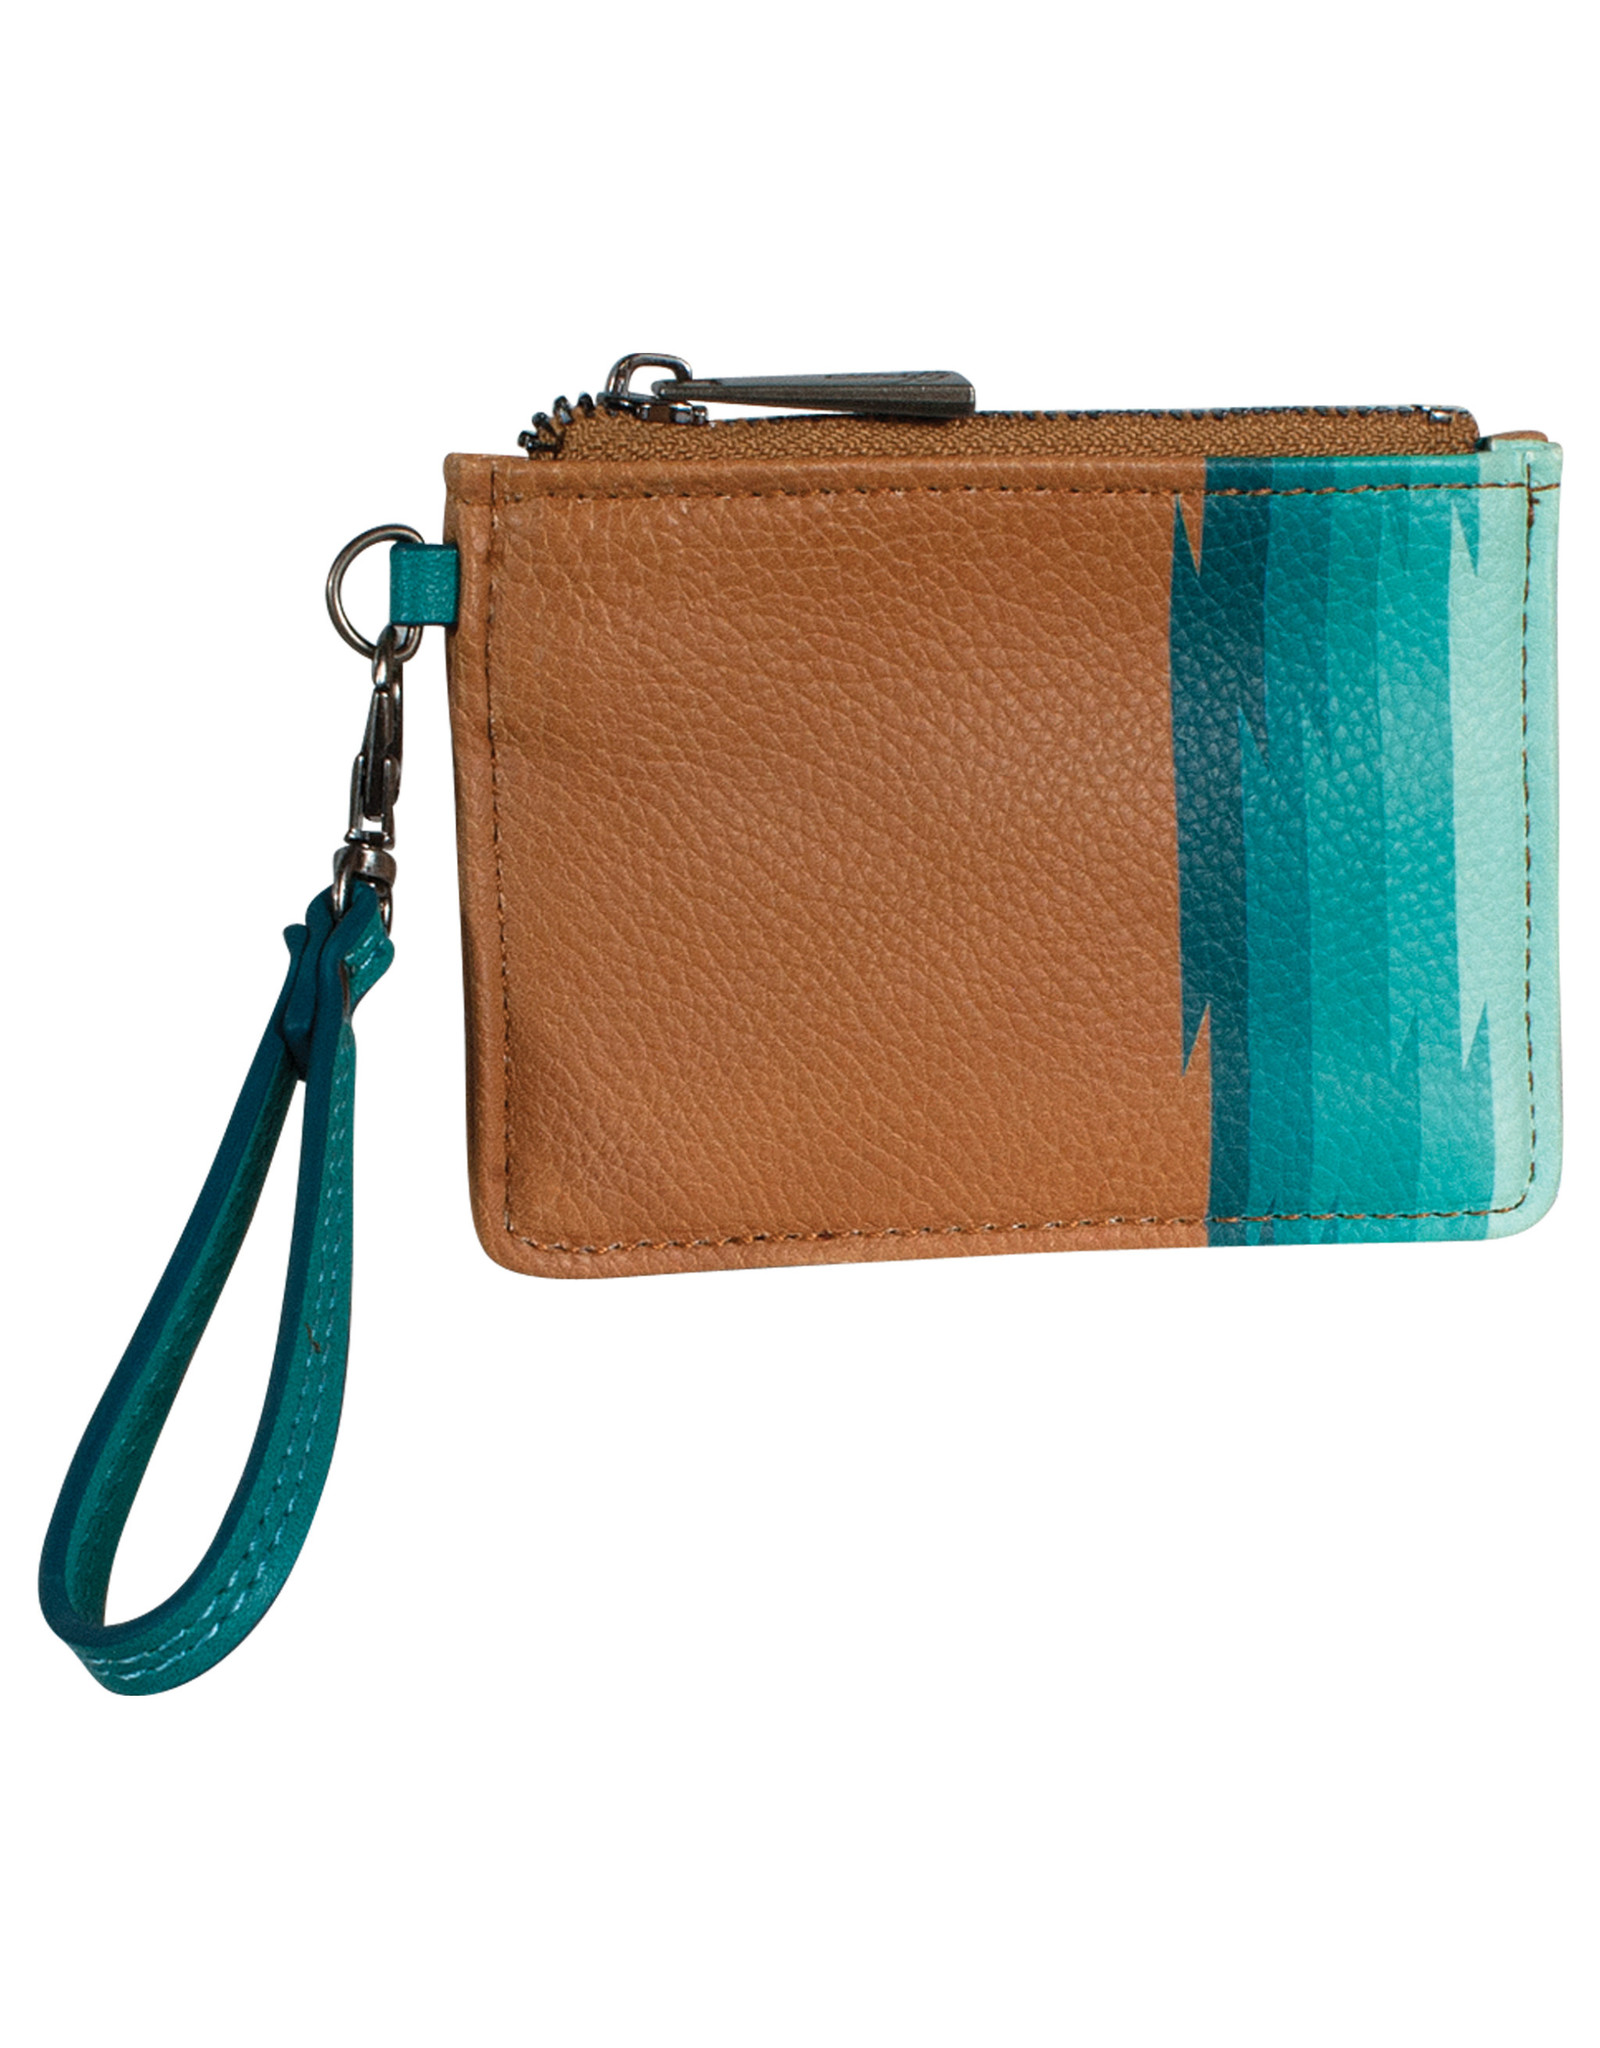 Catchfly 2031625W Catchfly Mini Wallet - Key Turquoise